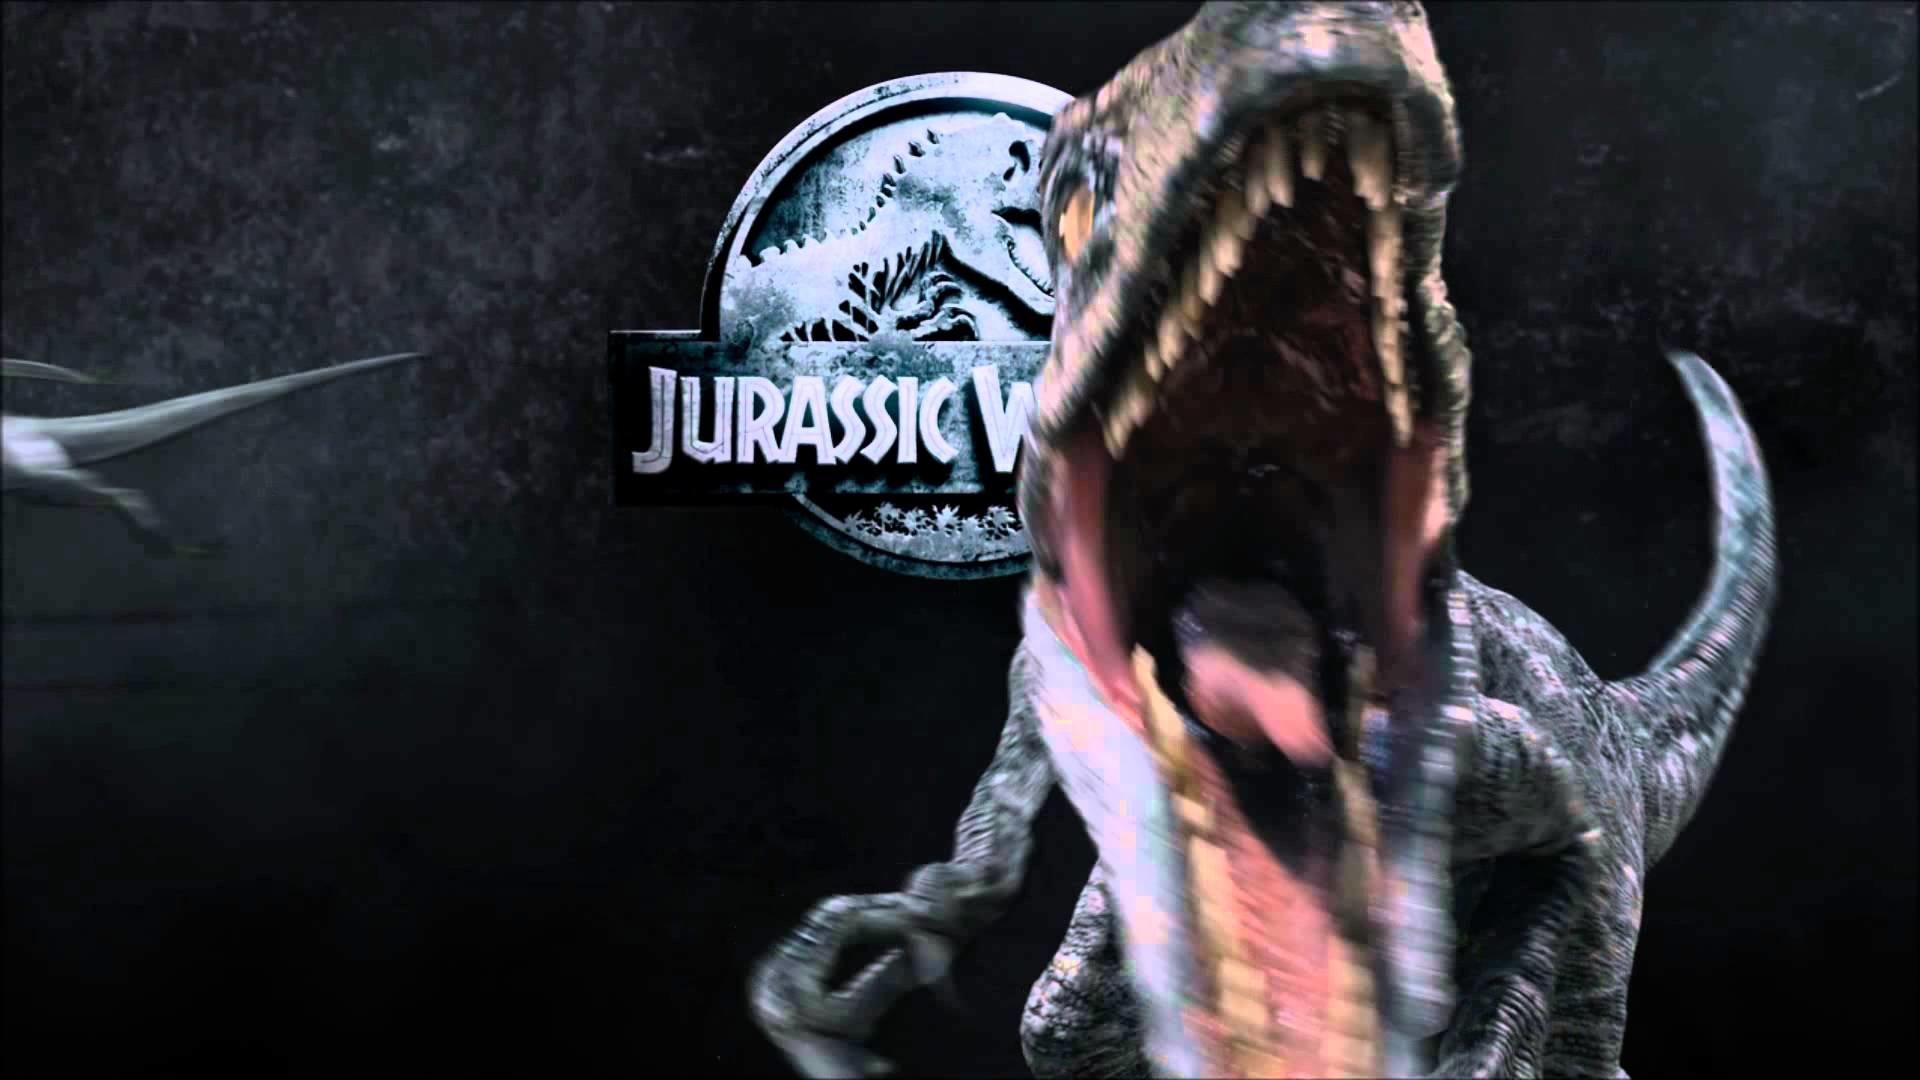 Res: 1920x1080, Jurassic World Velociraptor 2016 4K Images